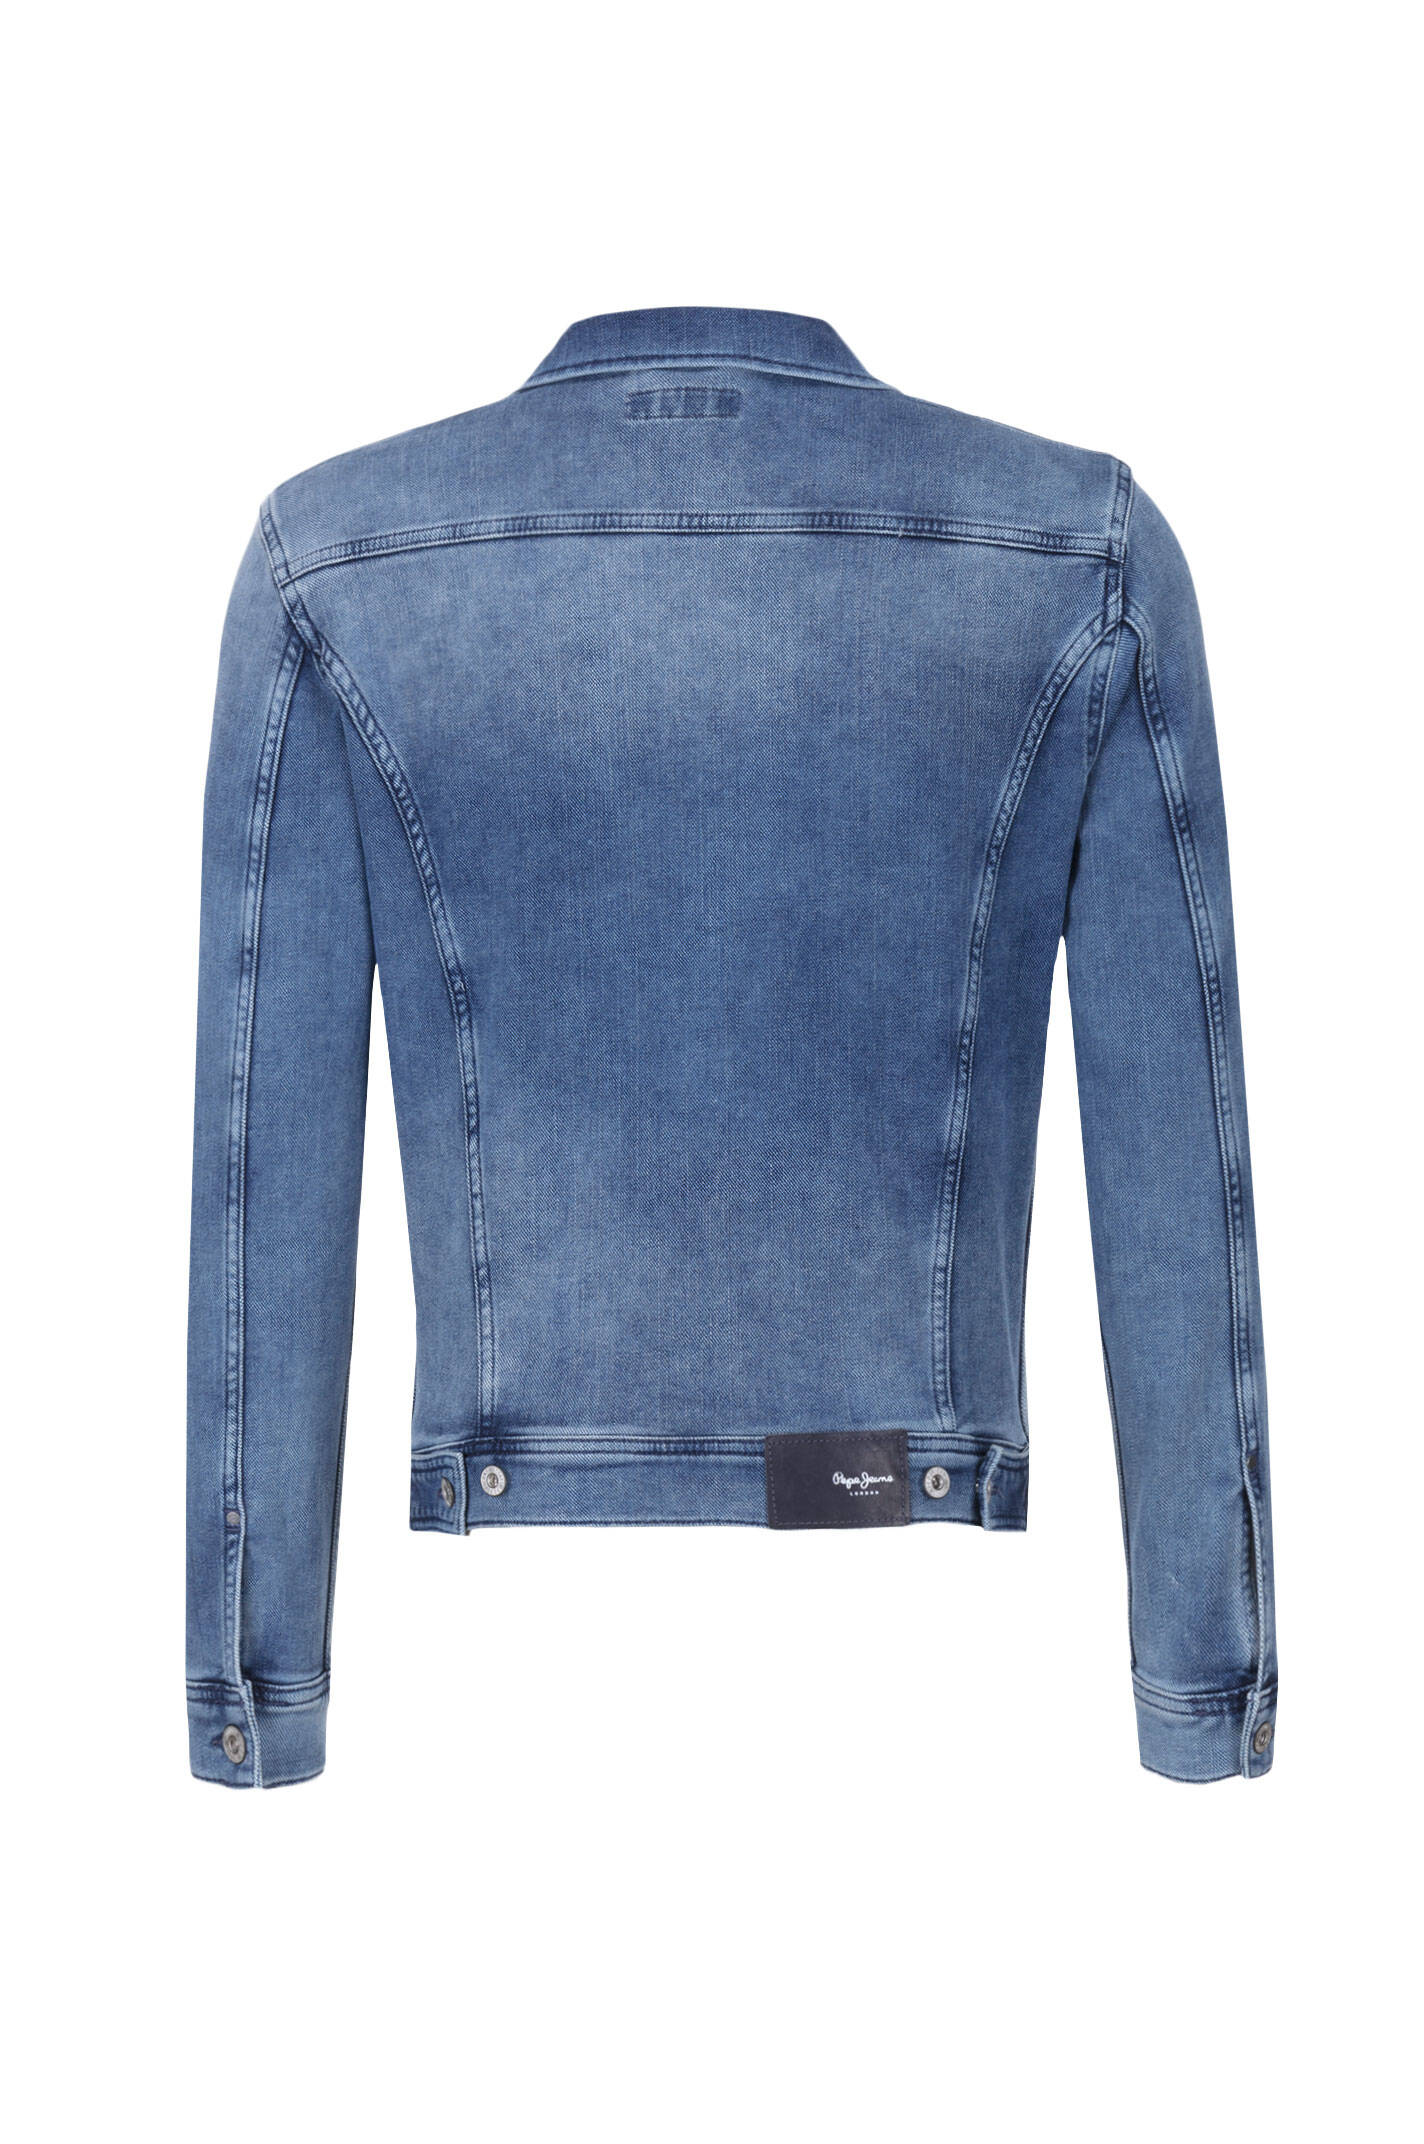 rooster denim jacket pepe jeans london blue. Black Bedroom Furniture Sets. Home Design Ideas